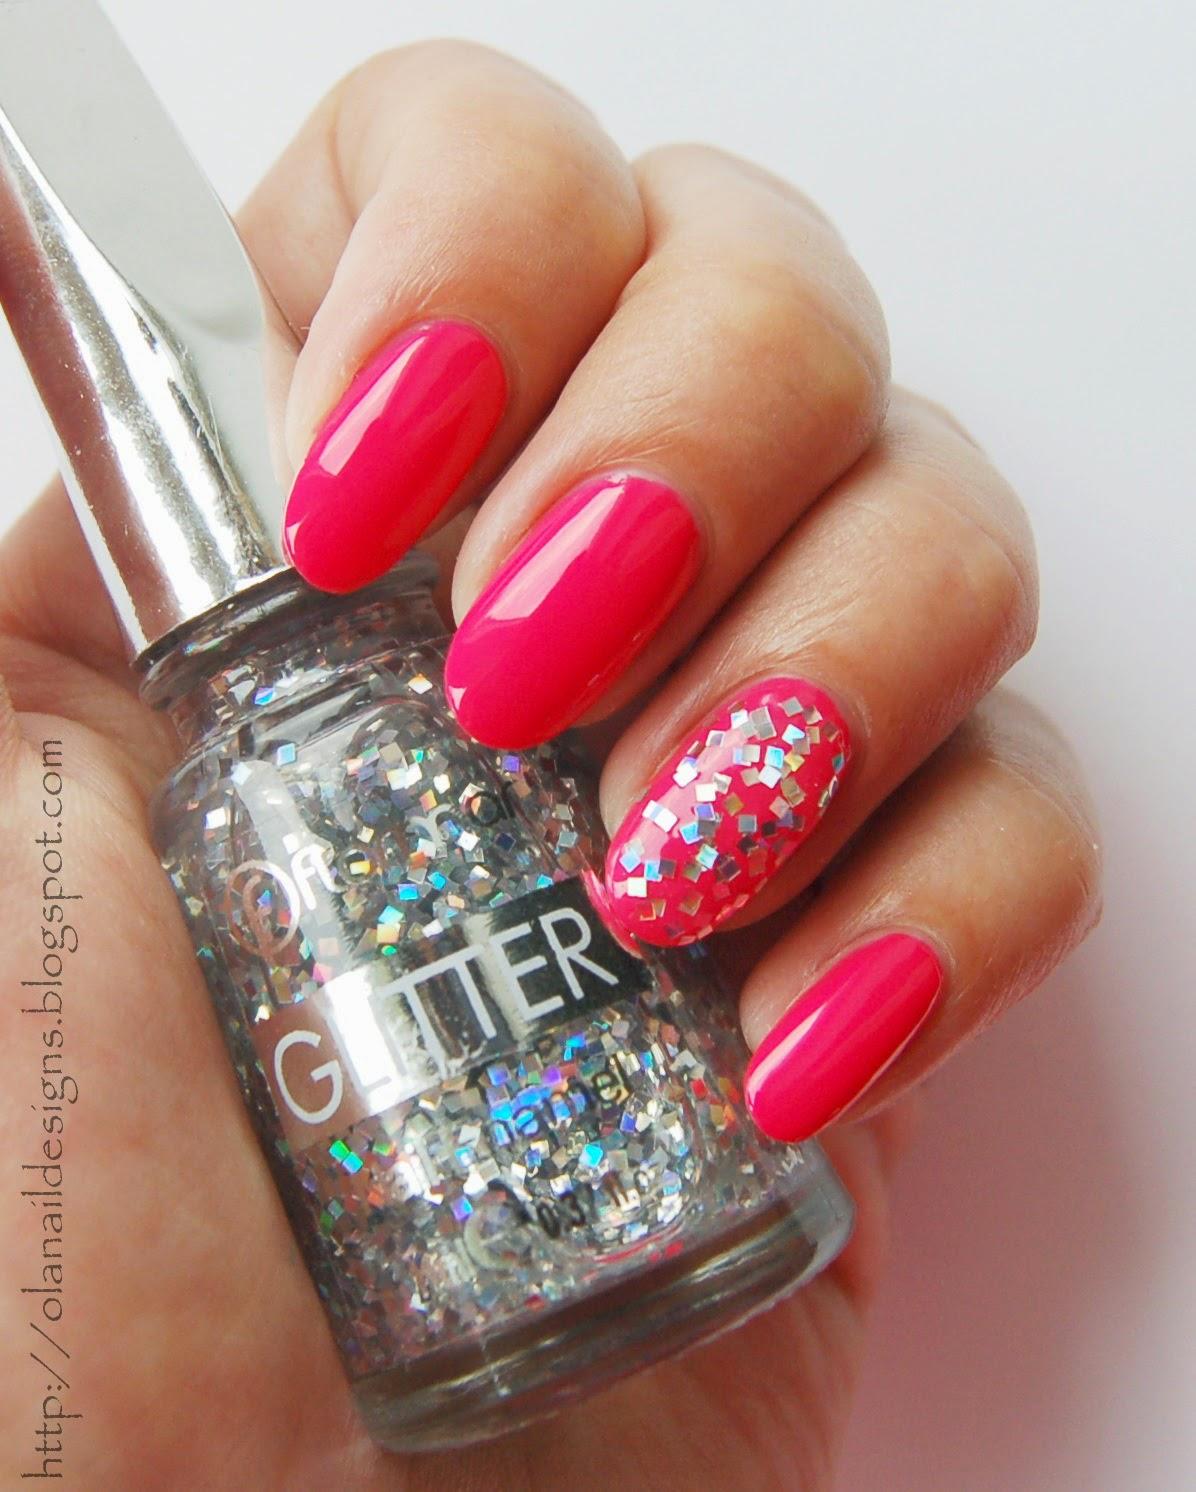 srebrny glitter i różowy na paznokciach